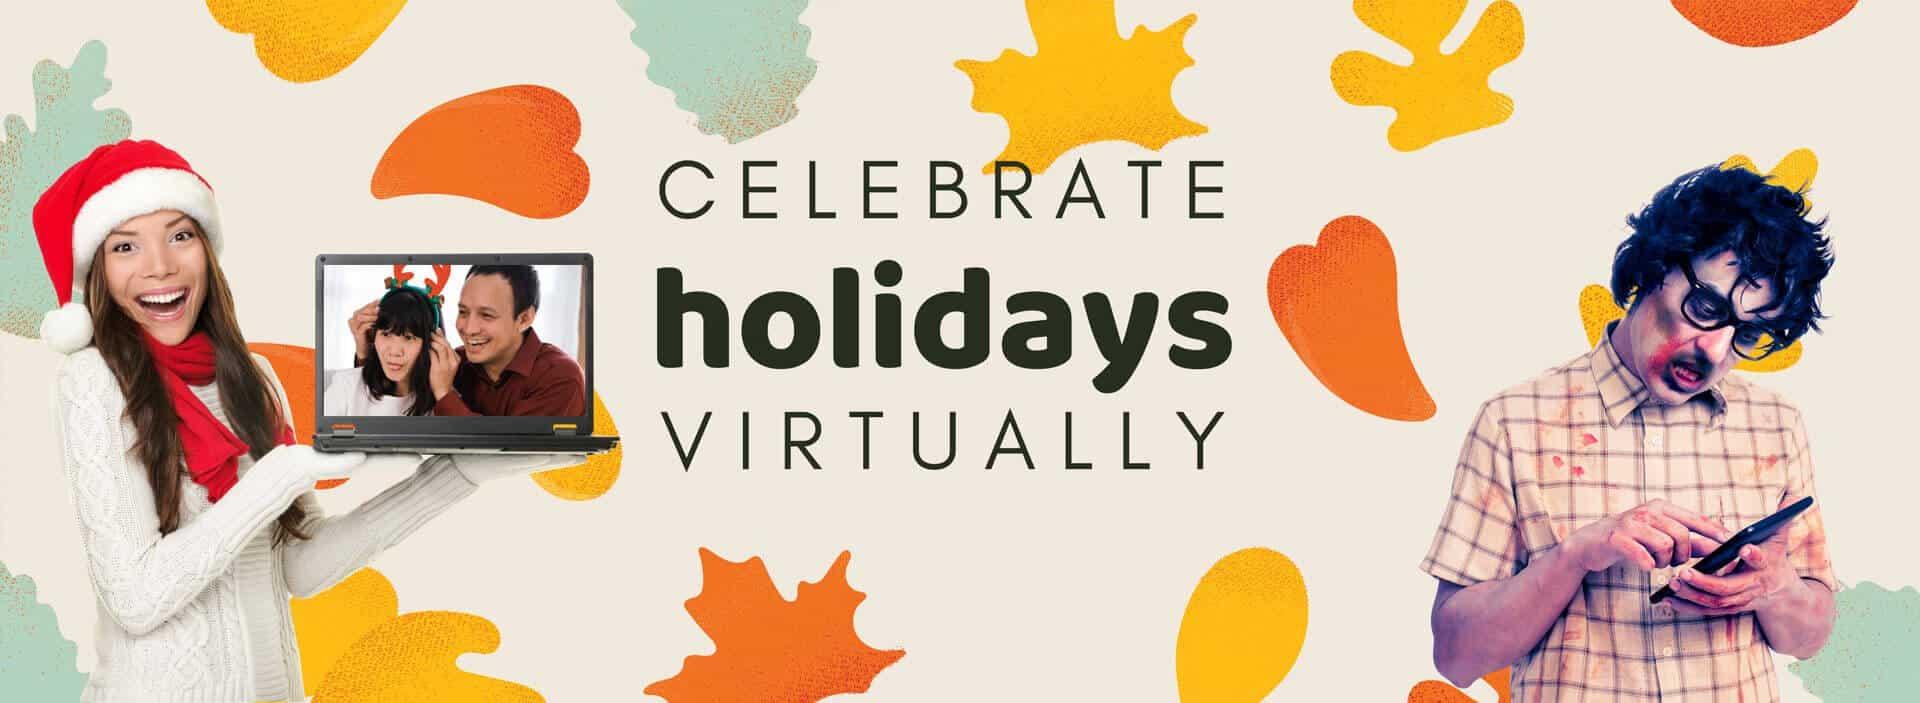 virtual company holiday party ideas